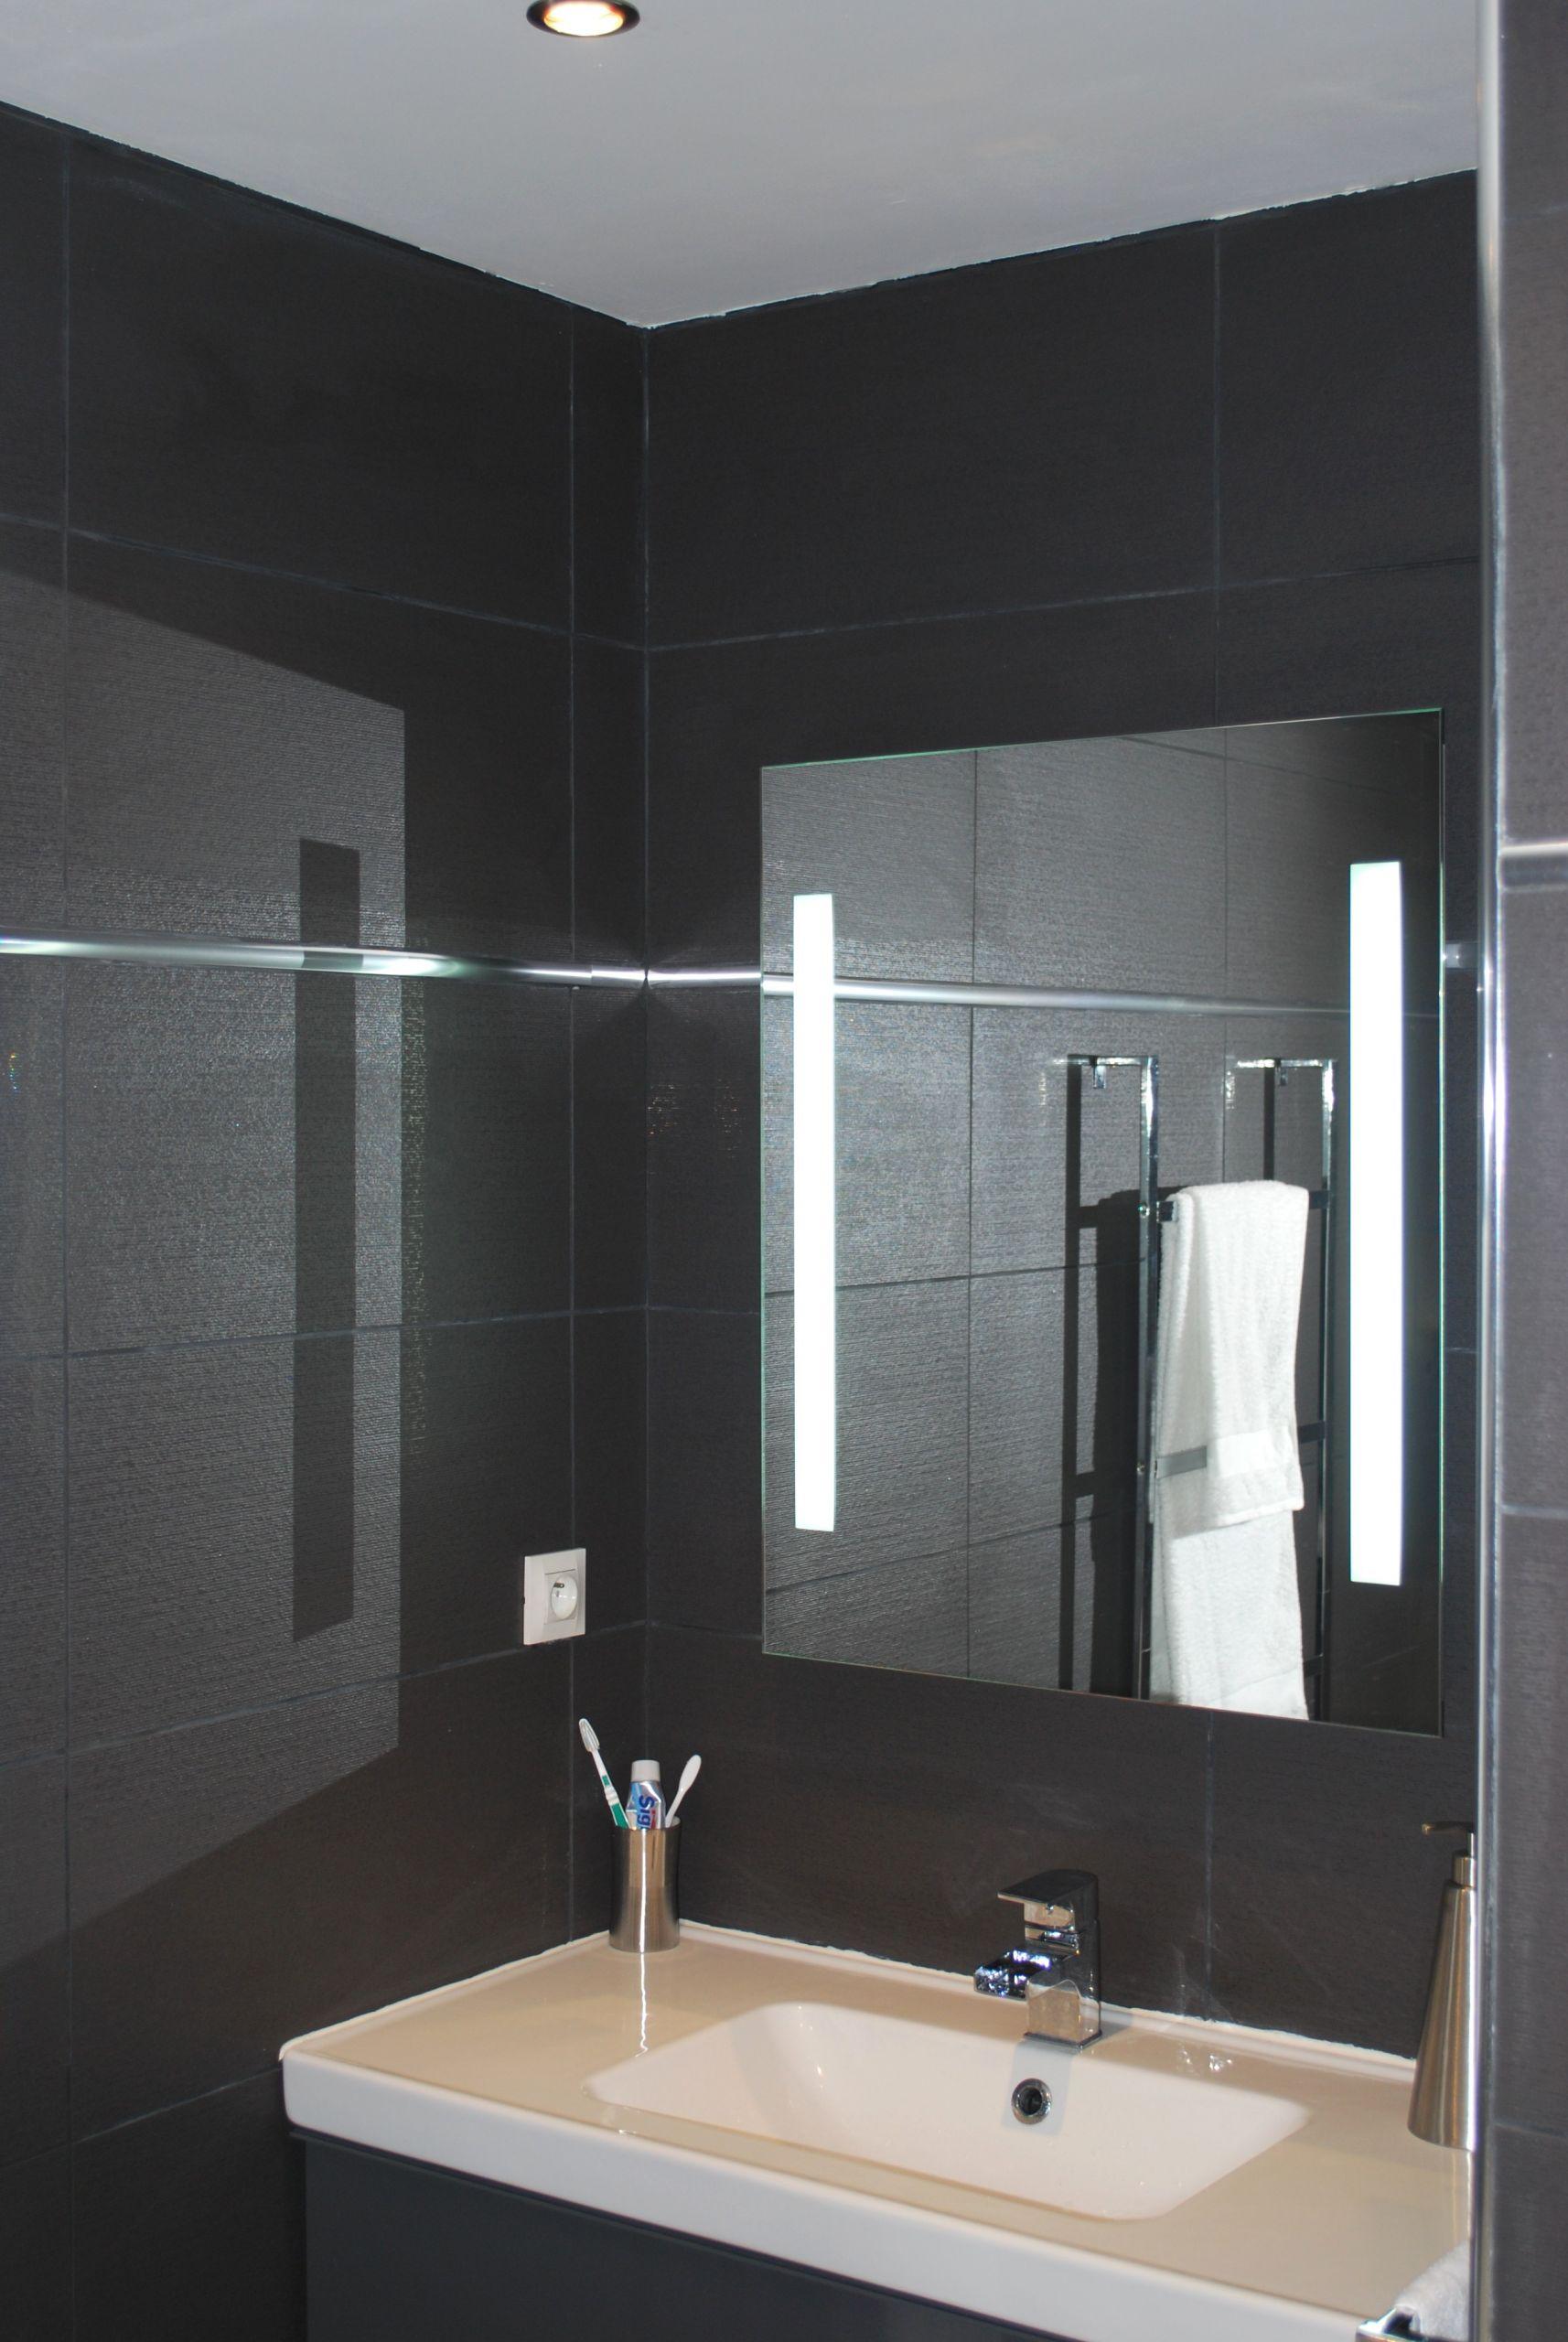 Photo De Salle De Bain Noir Et Blanc faience salle de bain moderne faience salle de bain moderne